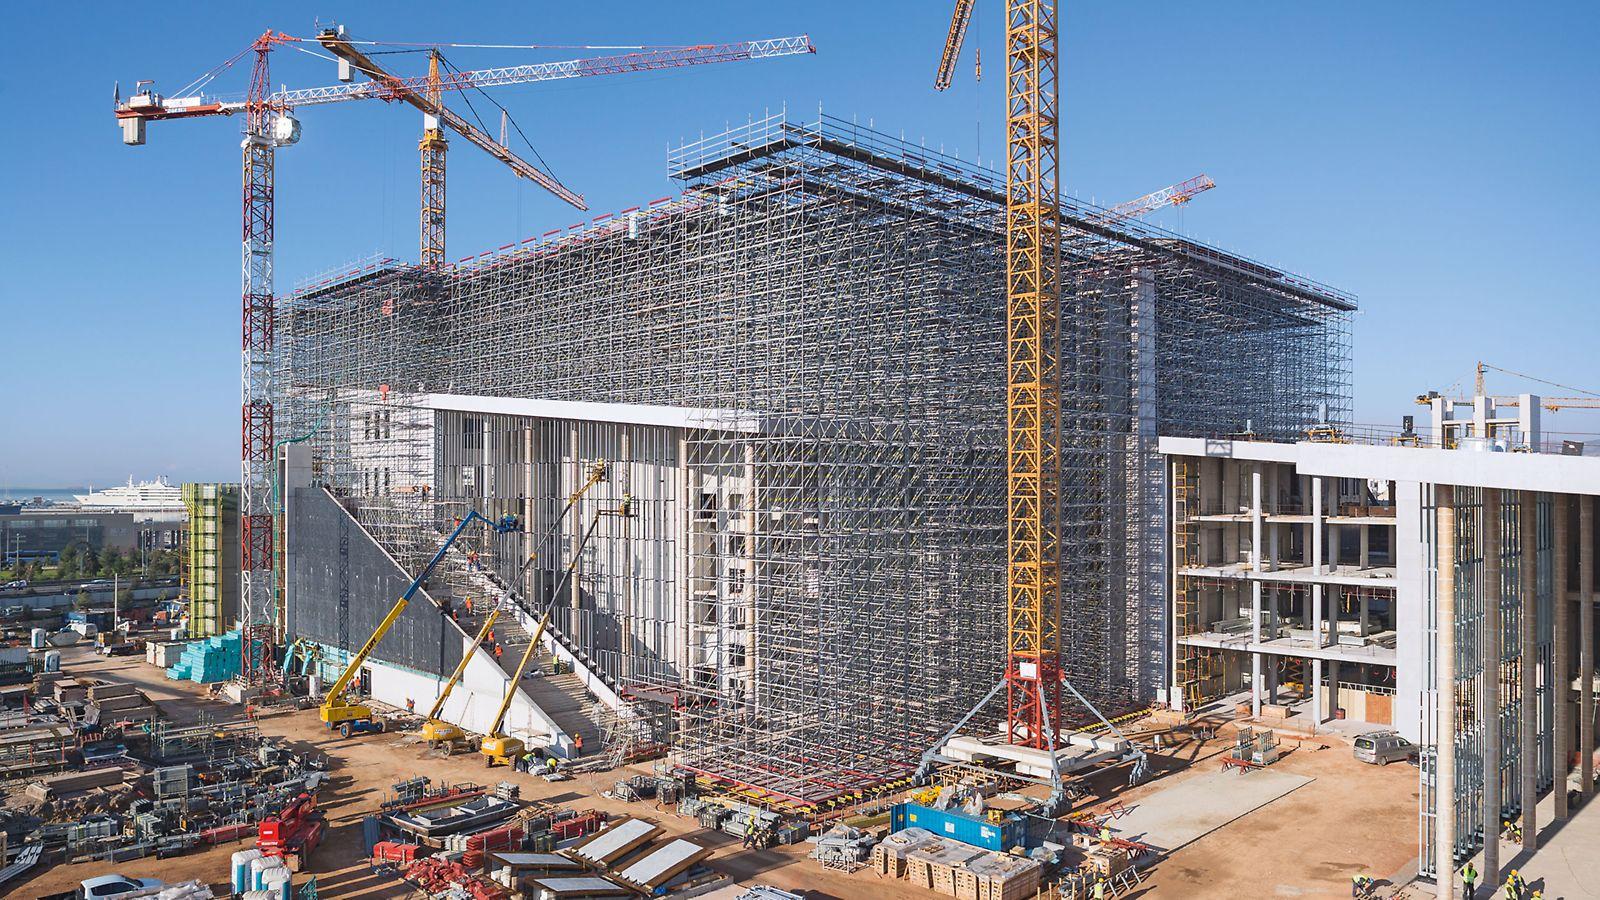 """Αντισεισμική λύση υποστύλωσης με το σύστημα PERI UP για το """"Κέντρο Πολιτισμού Ίδρυμα Σταύρος Νιάρχος"""" στην Αθήνα"""